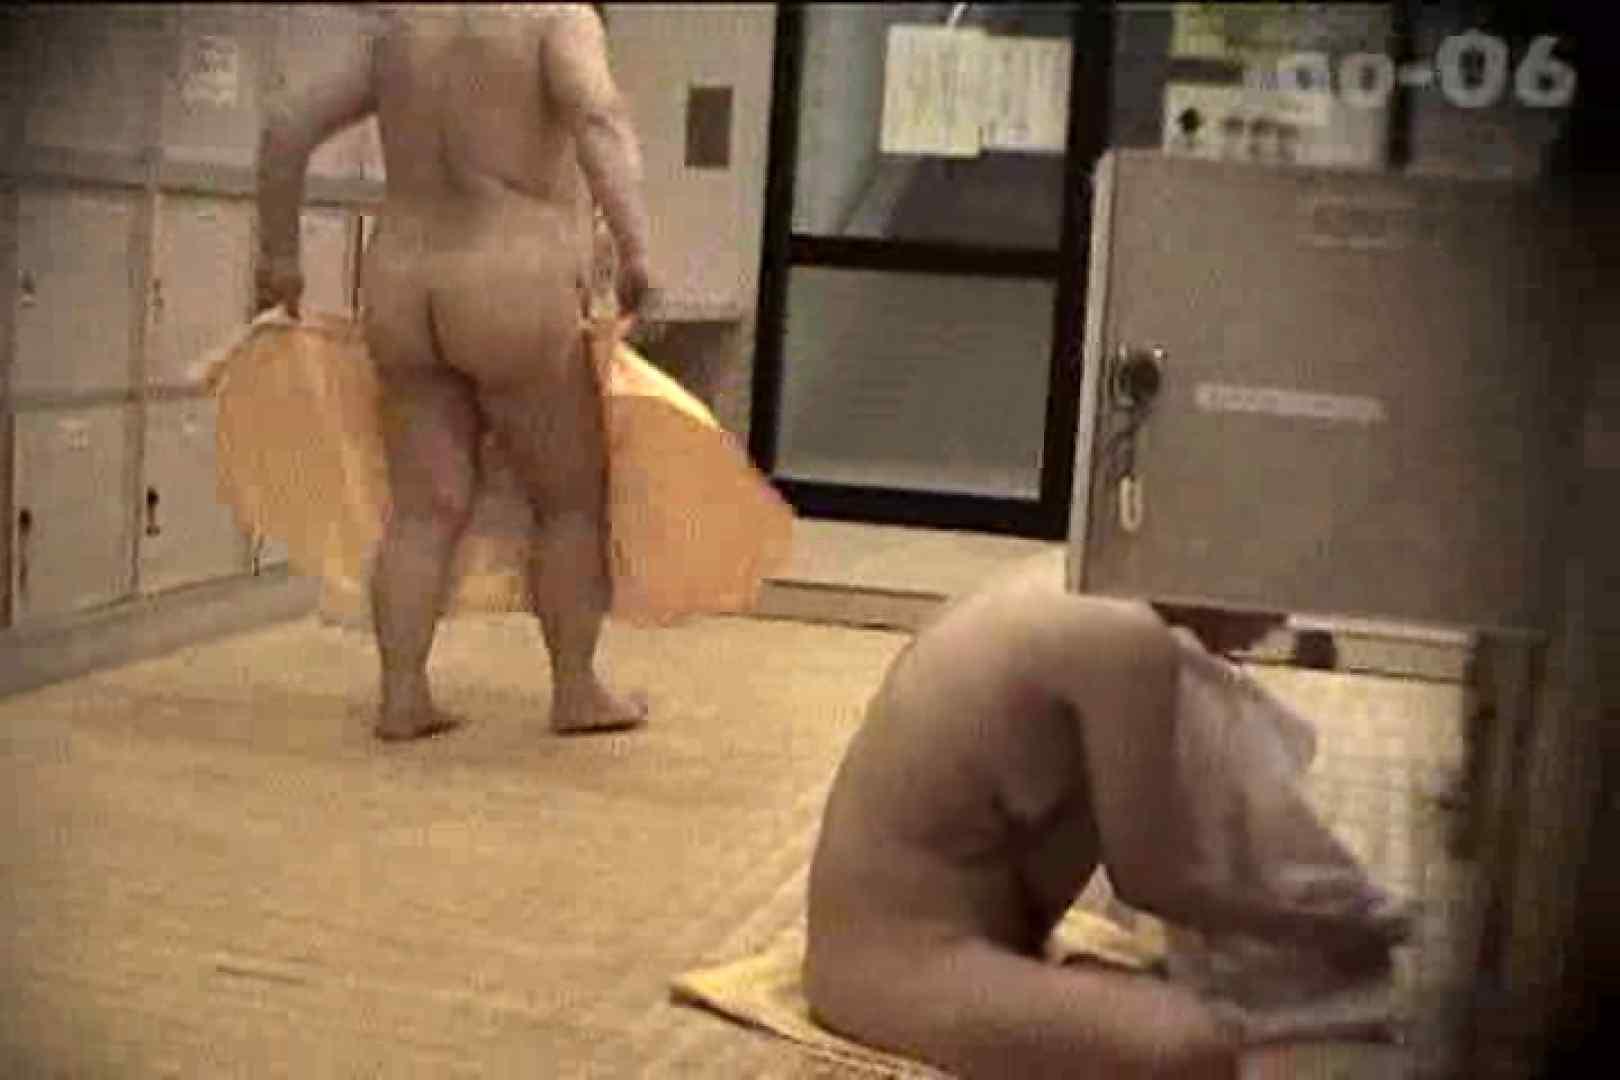 電波カメラ設置浴場からの防HAN映像 Vol.06 盗撮・必見 オマンコ無修正動画無料 106画像 67